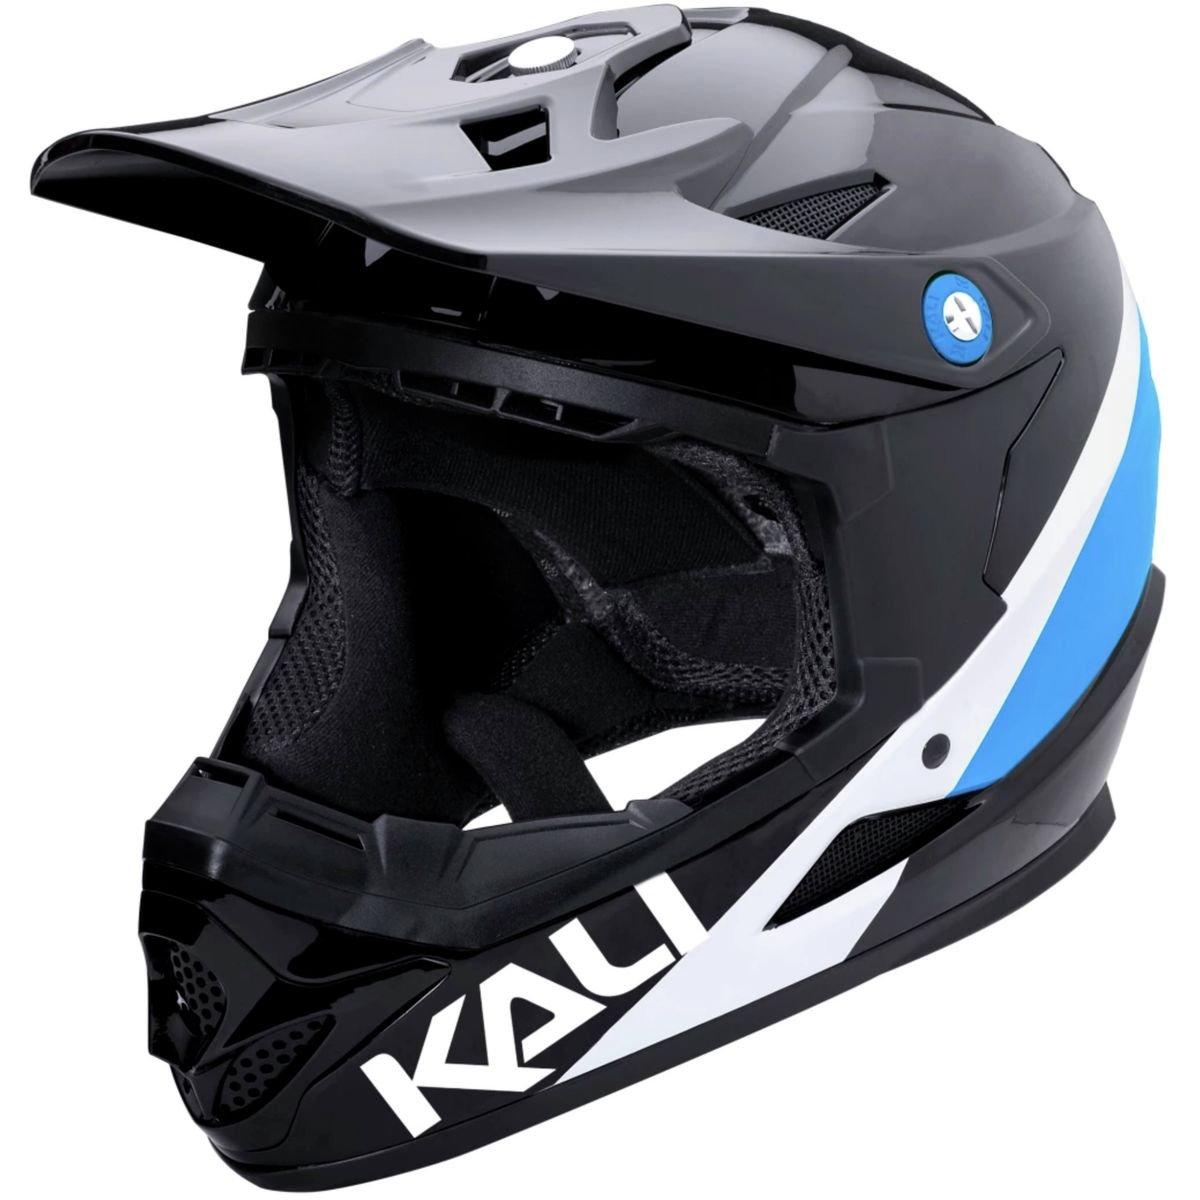 Kali Protectives 0210618128 BMX-Helm – Integralhelm Unisex Erwachsene, schwarz blau, Größe  XL